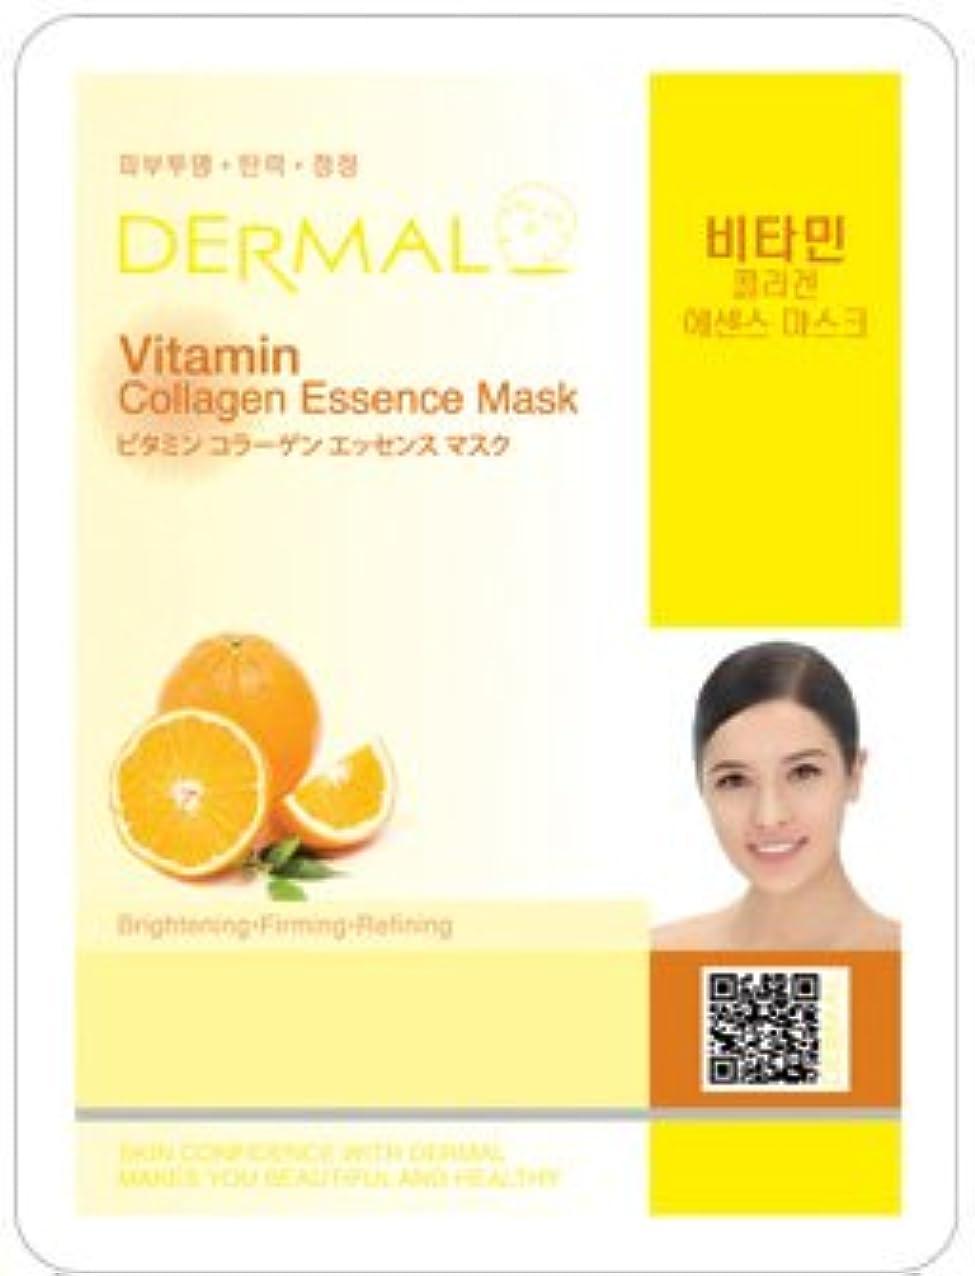 アライメント軌道勝利したシートマスク ビタミン 100枚セット ダーマル(Dermal) フェイス パック